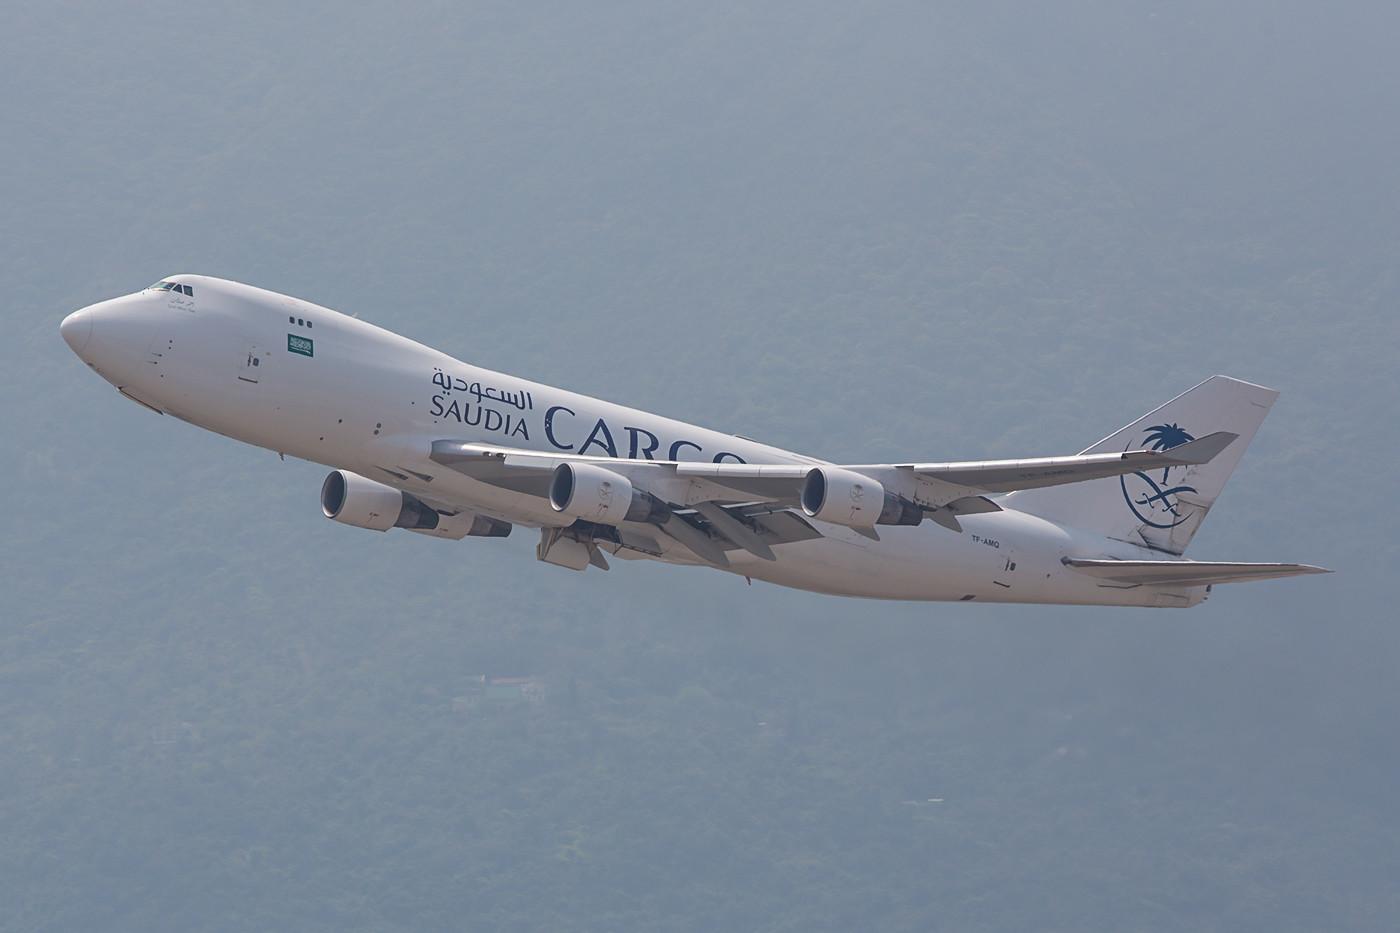 Die TF-AMQ der Air Atlanta Icelandic fliegt im Wetlease für Saudia Cargo, Vorbesitzer dieser Boeing 747-412FSCD war Singapore Airlines.